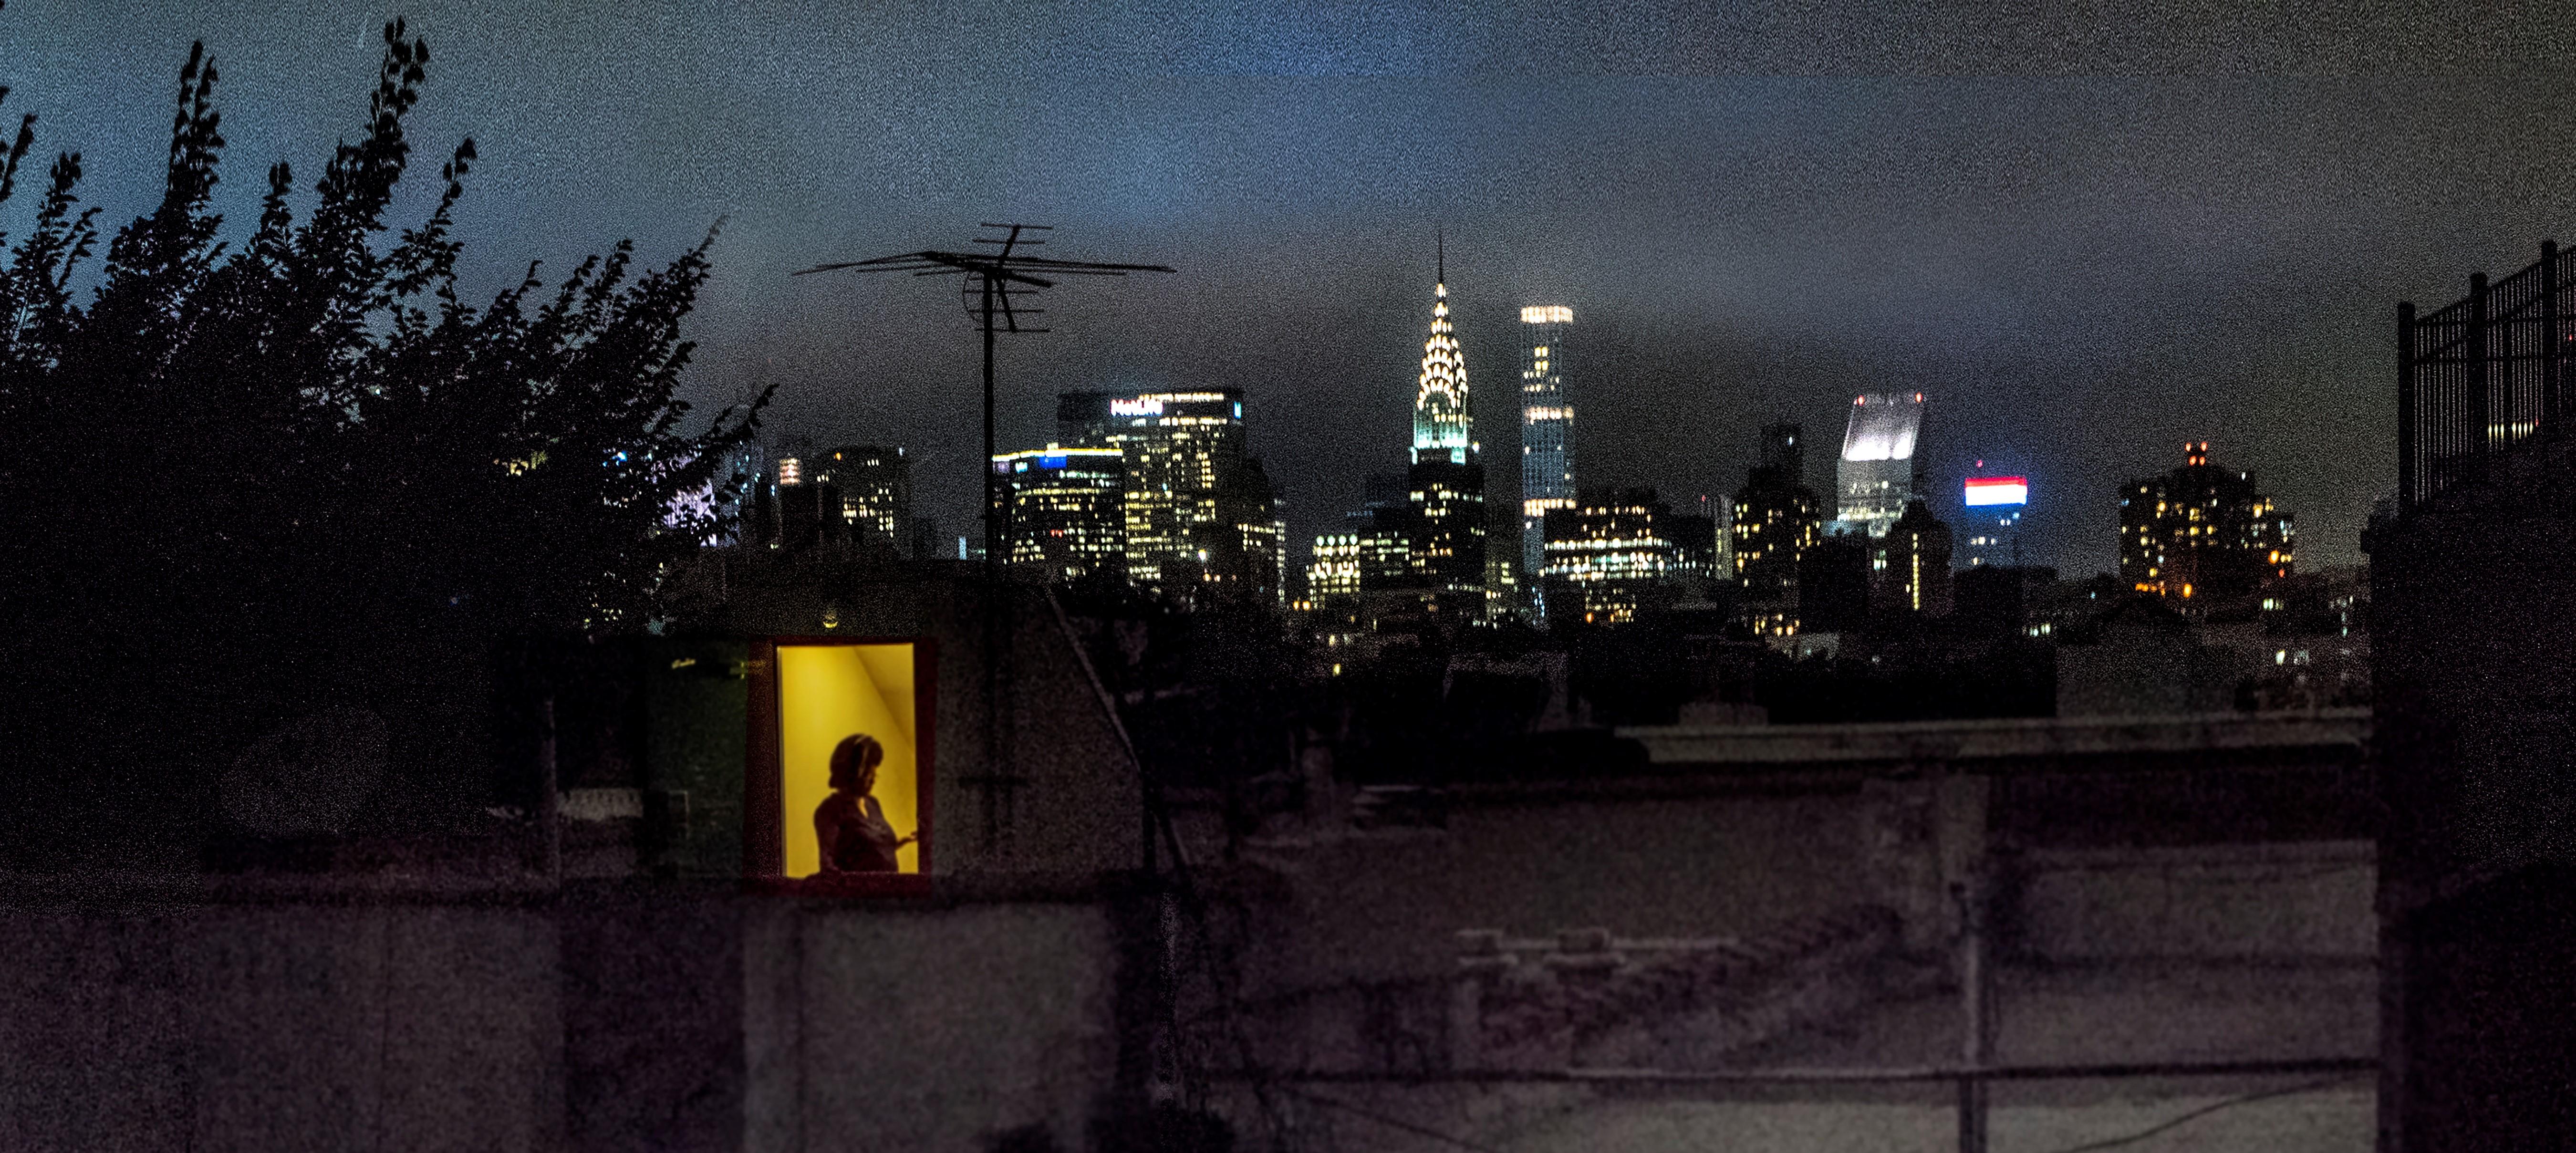 Vue arrière de l'appartement de Sally Davies sur East 5th Street la nuit avec des fenêtres lumineuses.